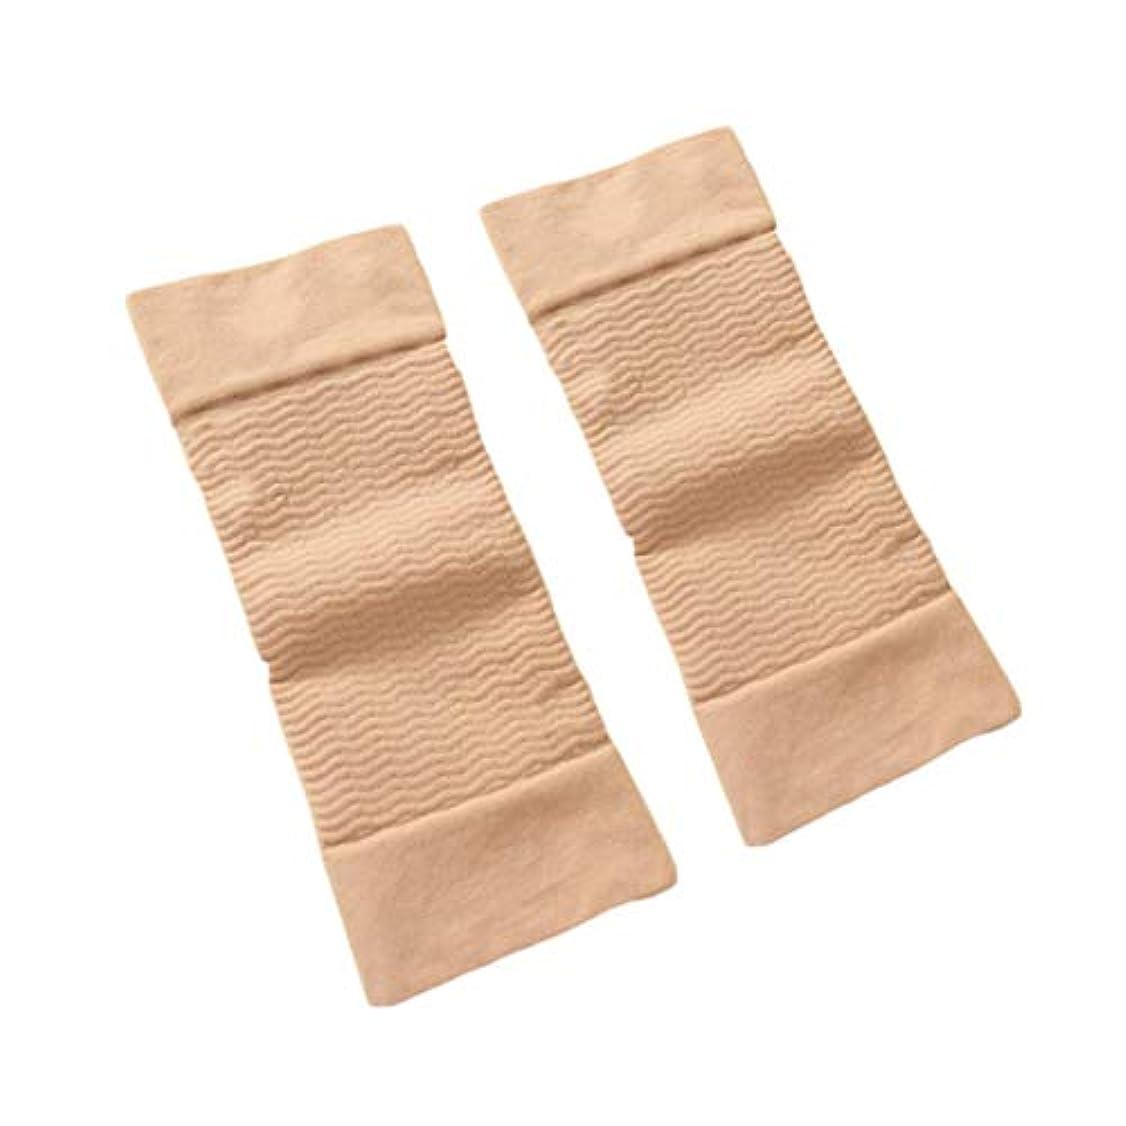 政治的マッサージ東方1ペア420 D圧縮痩身アームスリーブワークアウトトーニングバーンセルライトシェイパー脂肪燃焼袖用女性 - 肌色